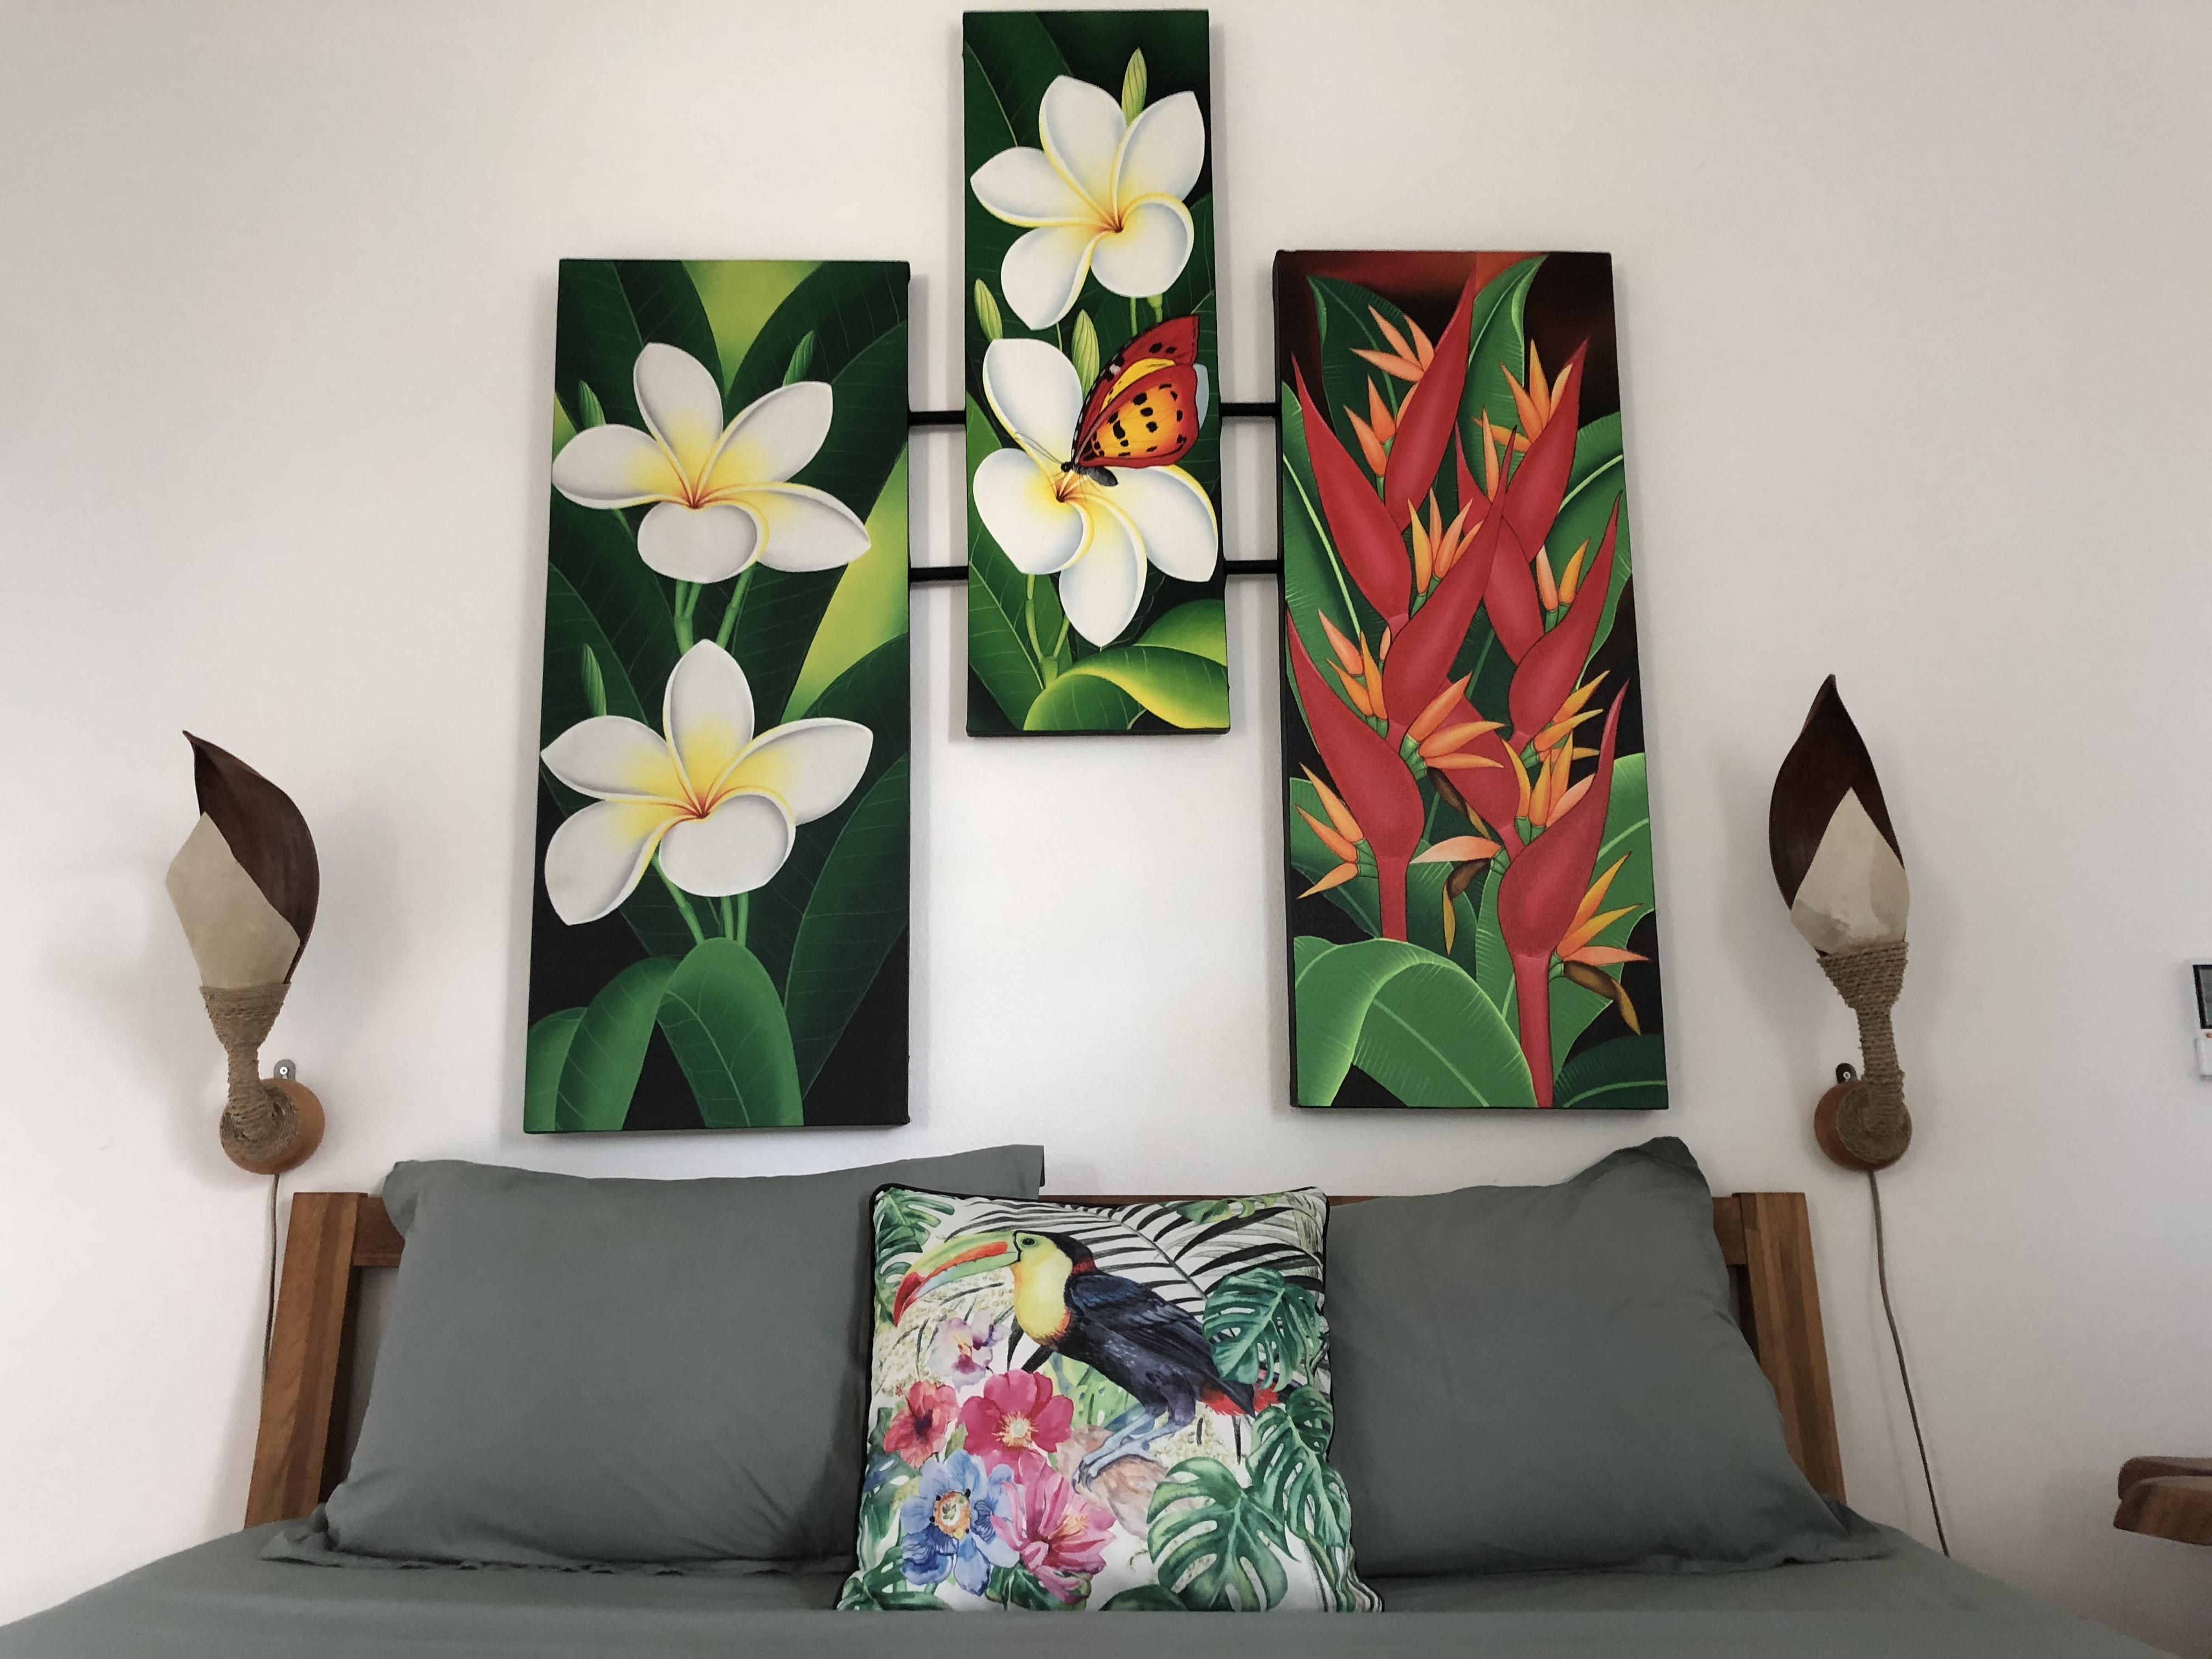 Vue de face sur la tête de lit fleurie et colorée, les applique murale et les coussins modulables